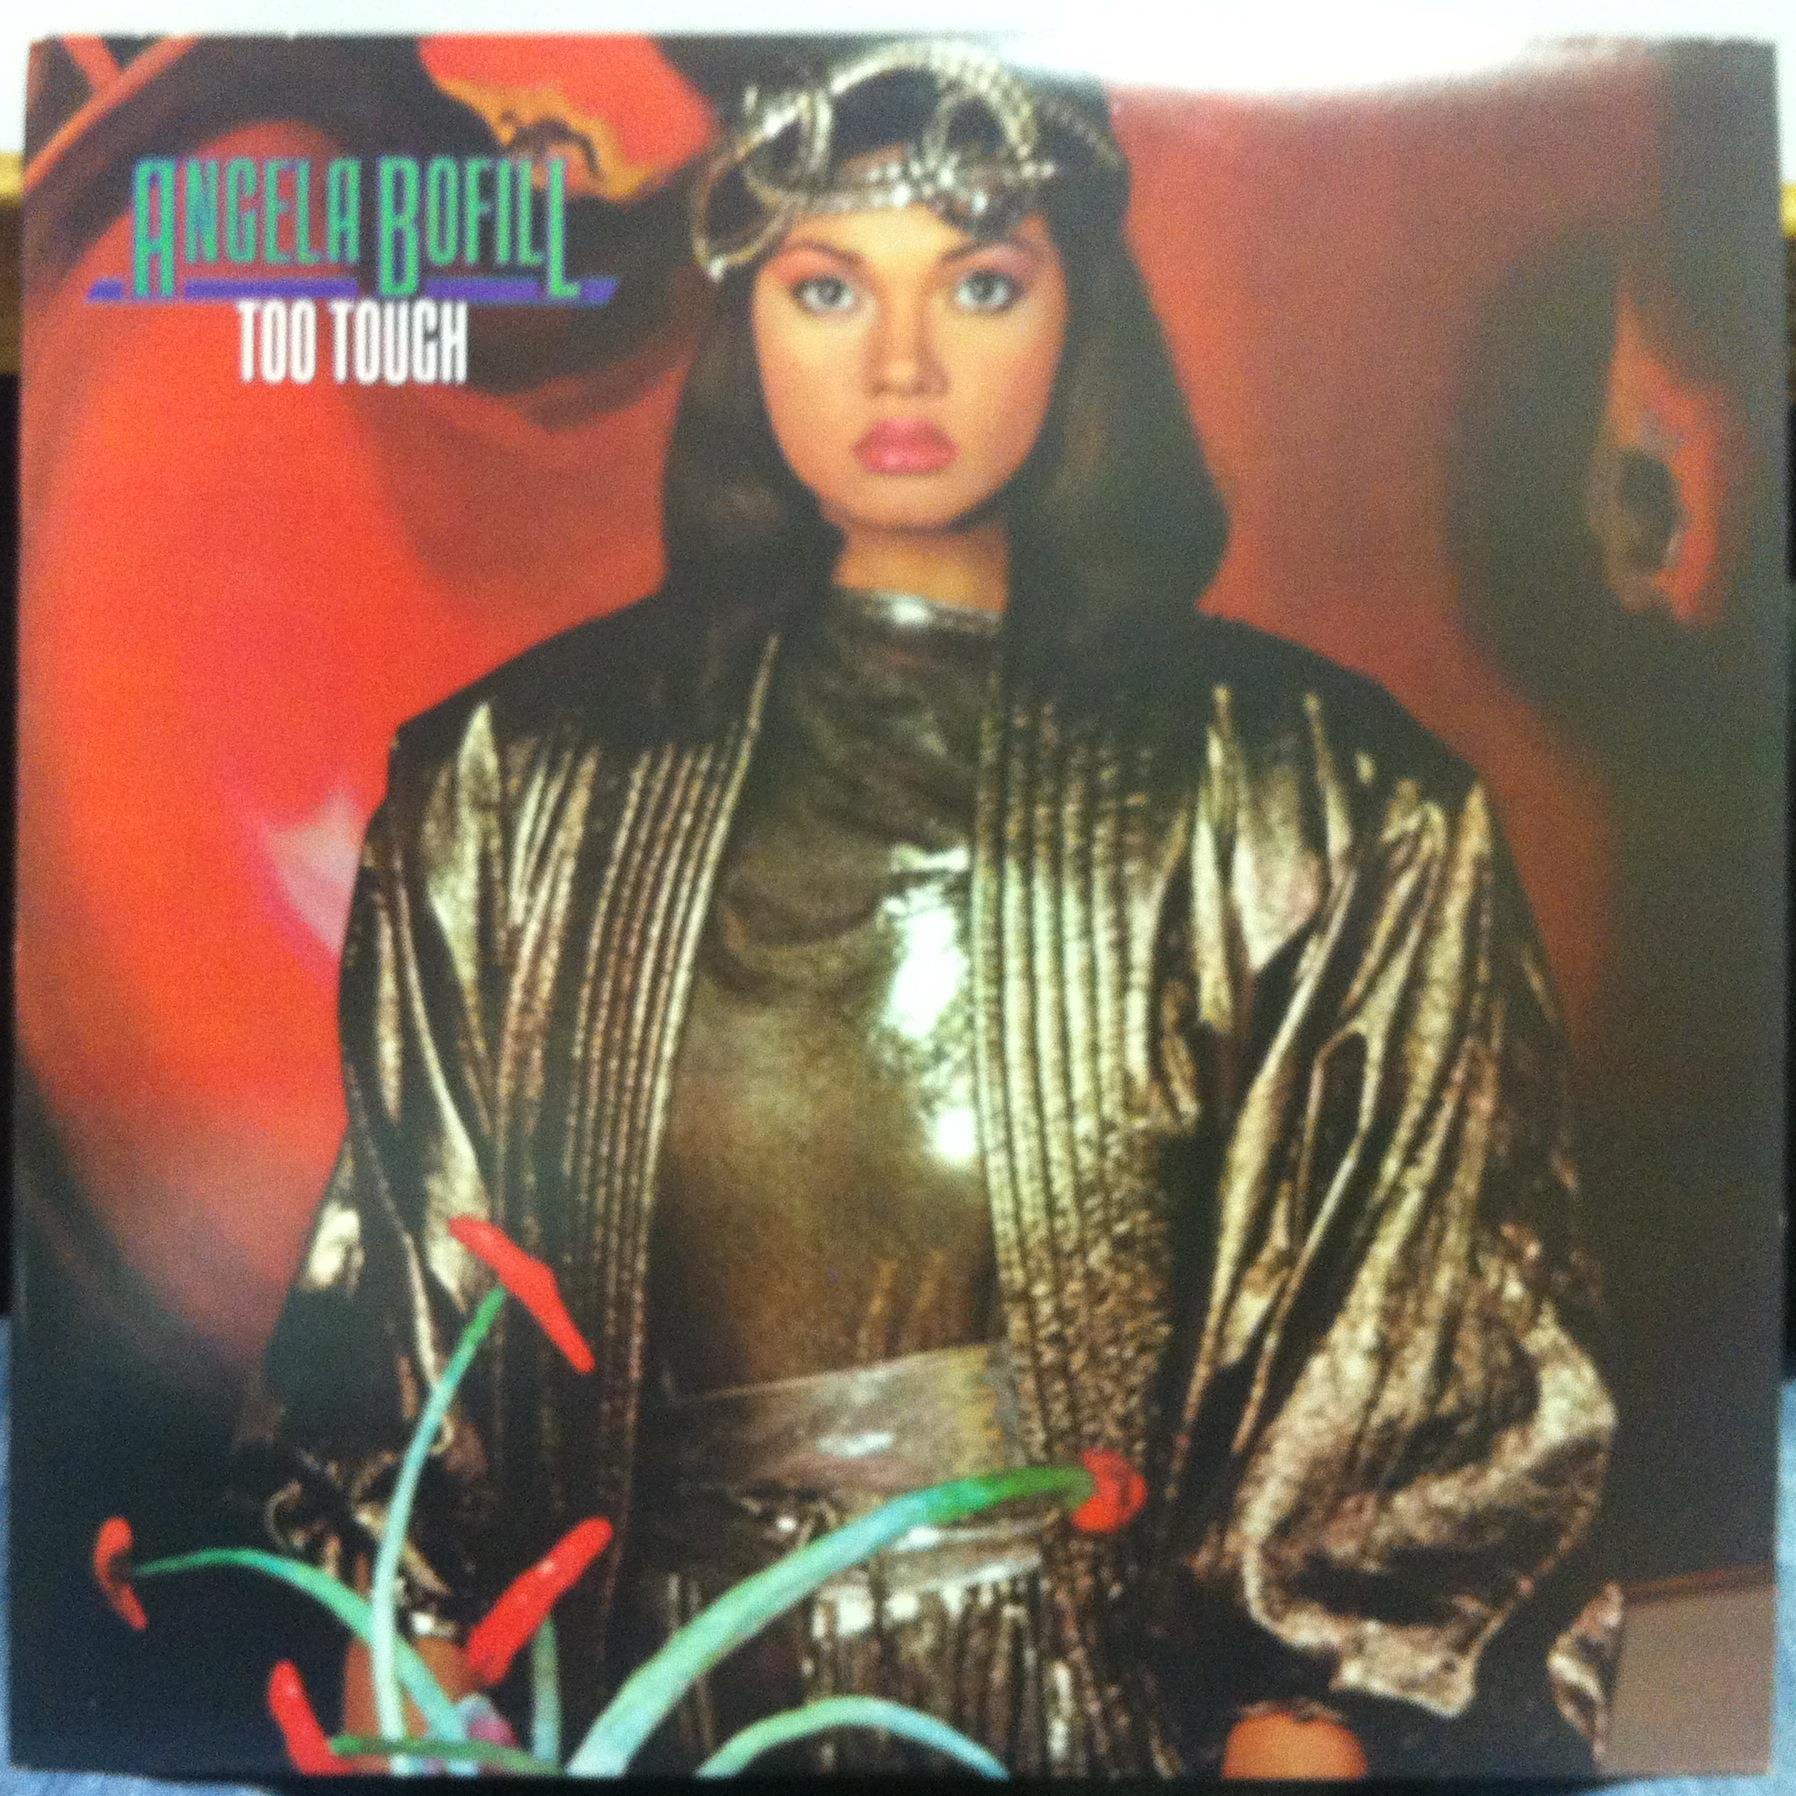 Angela Bofill - Angela Bofill Too Tough Lp Mint- Al 9616 Arista Usa 1983 Original (too Tough)